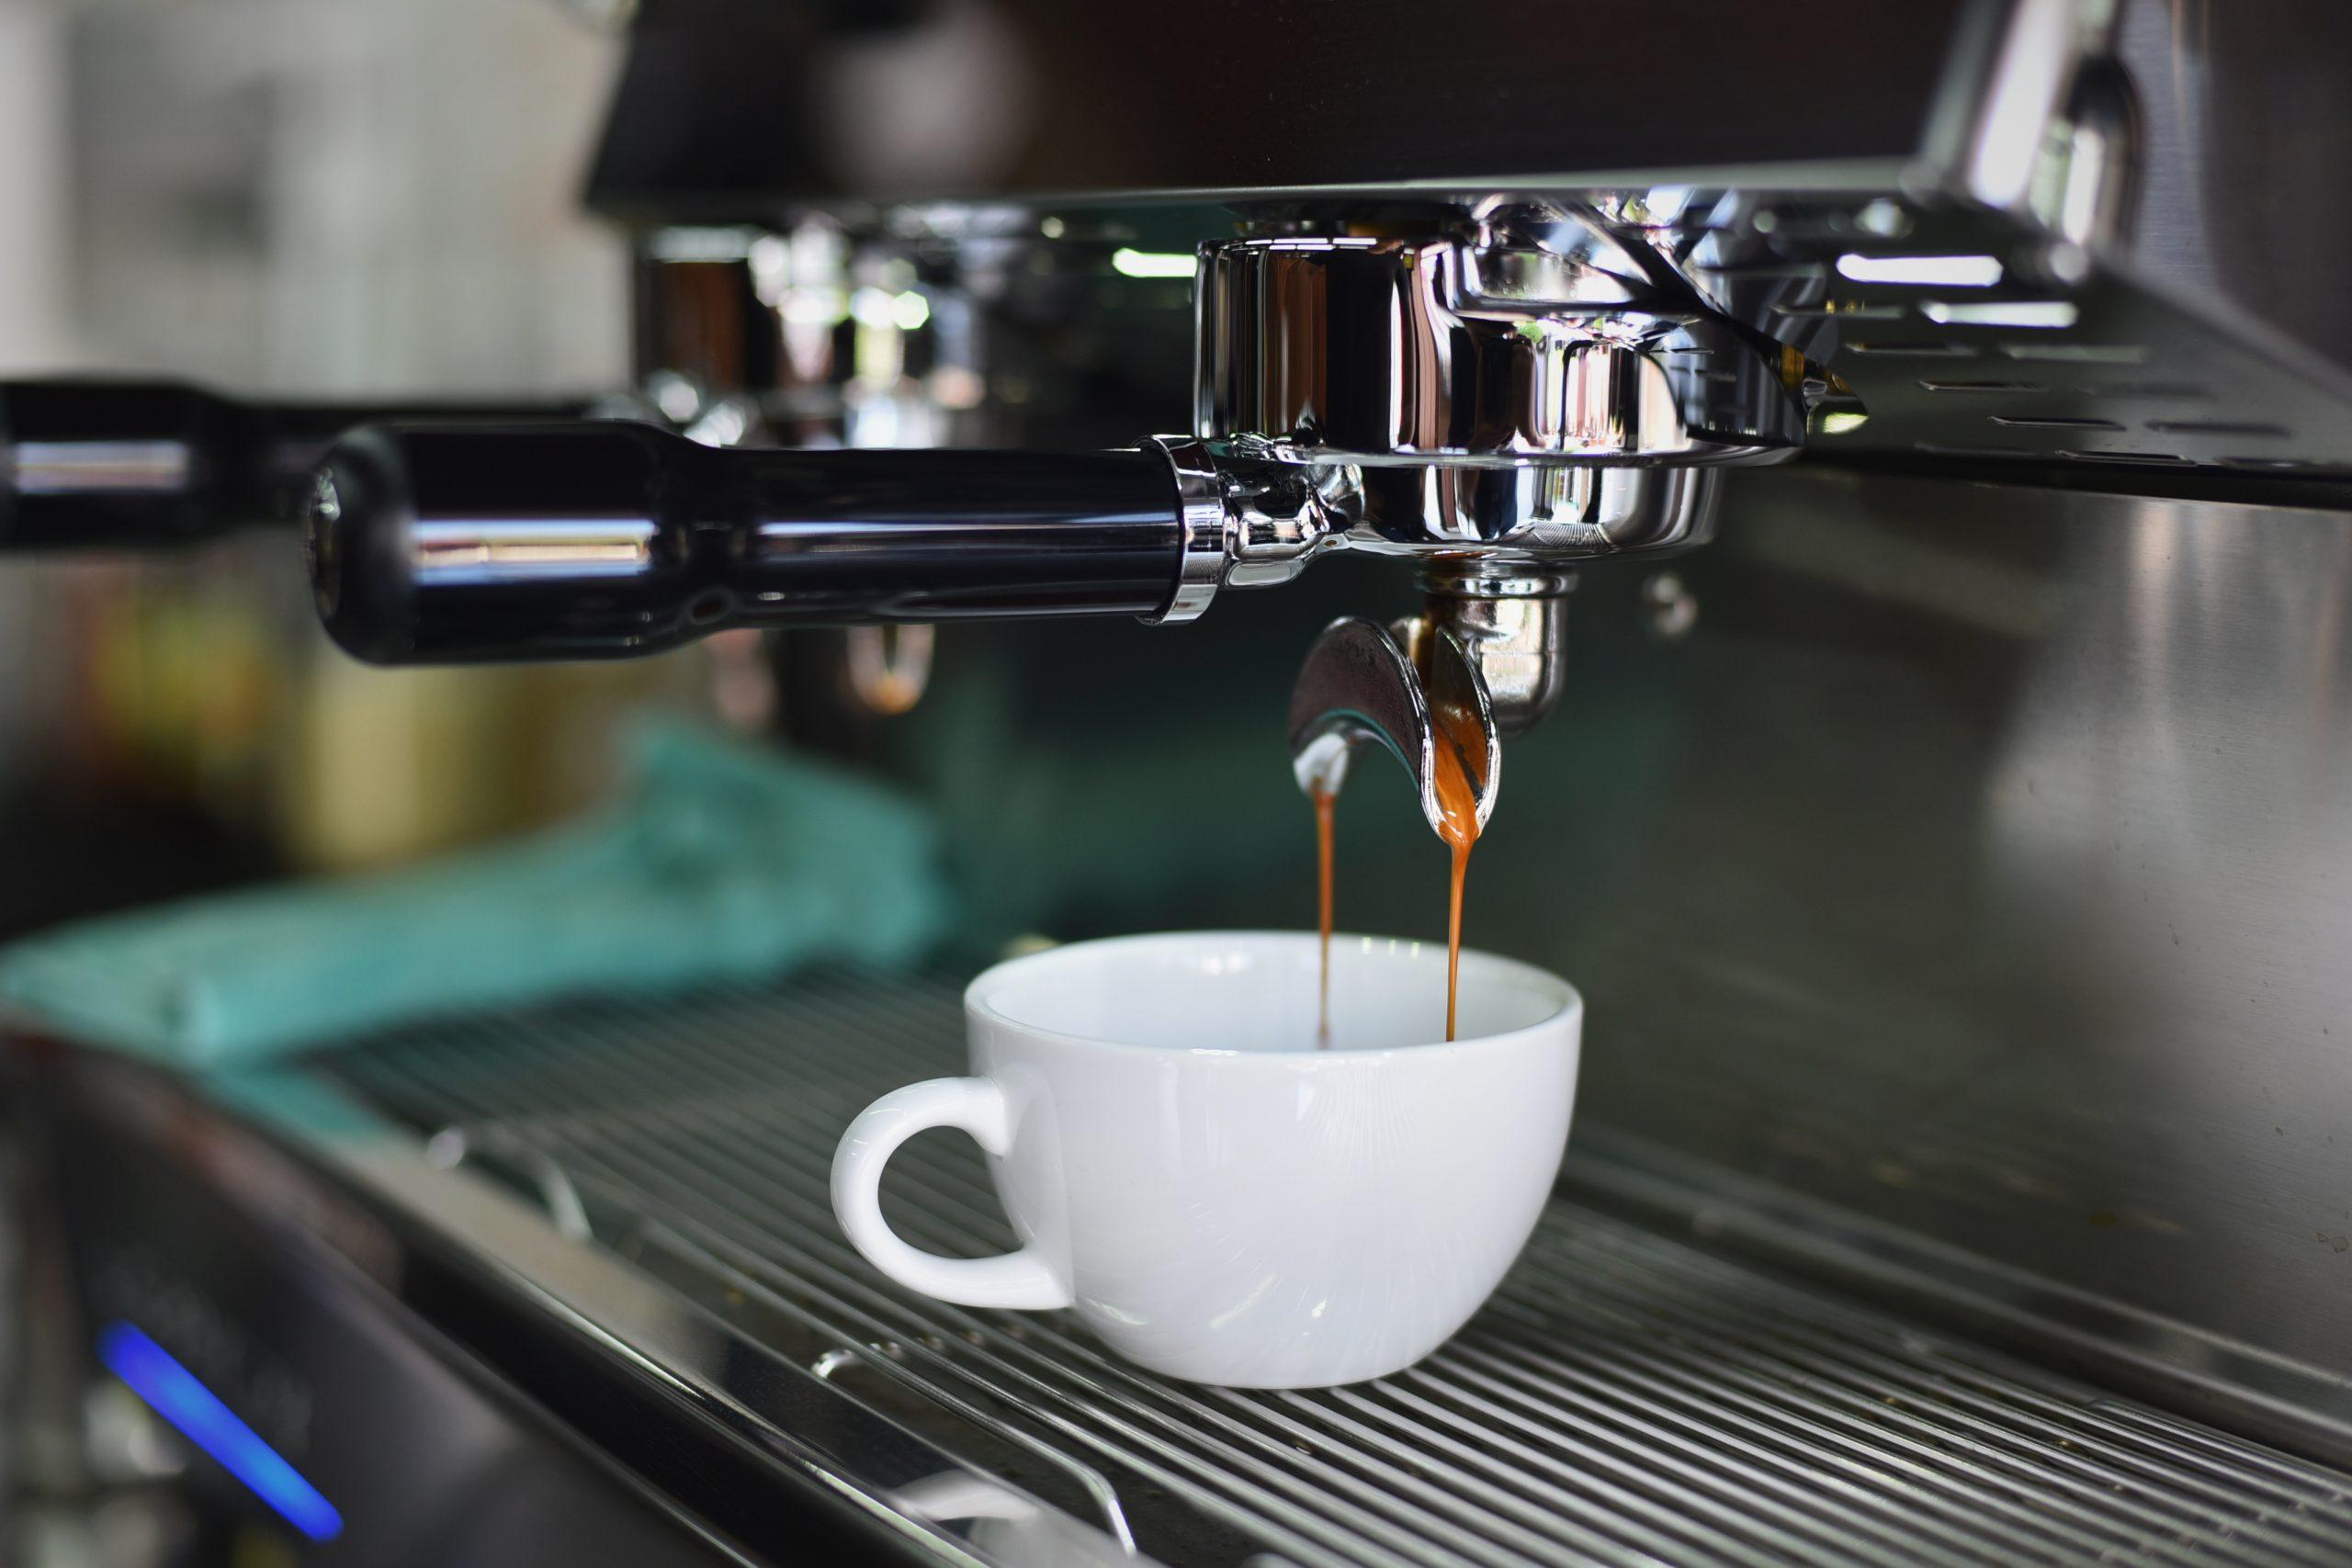 reinigingstabletten koffiemachine